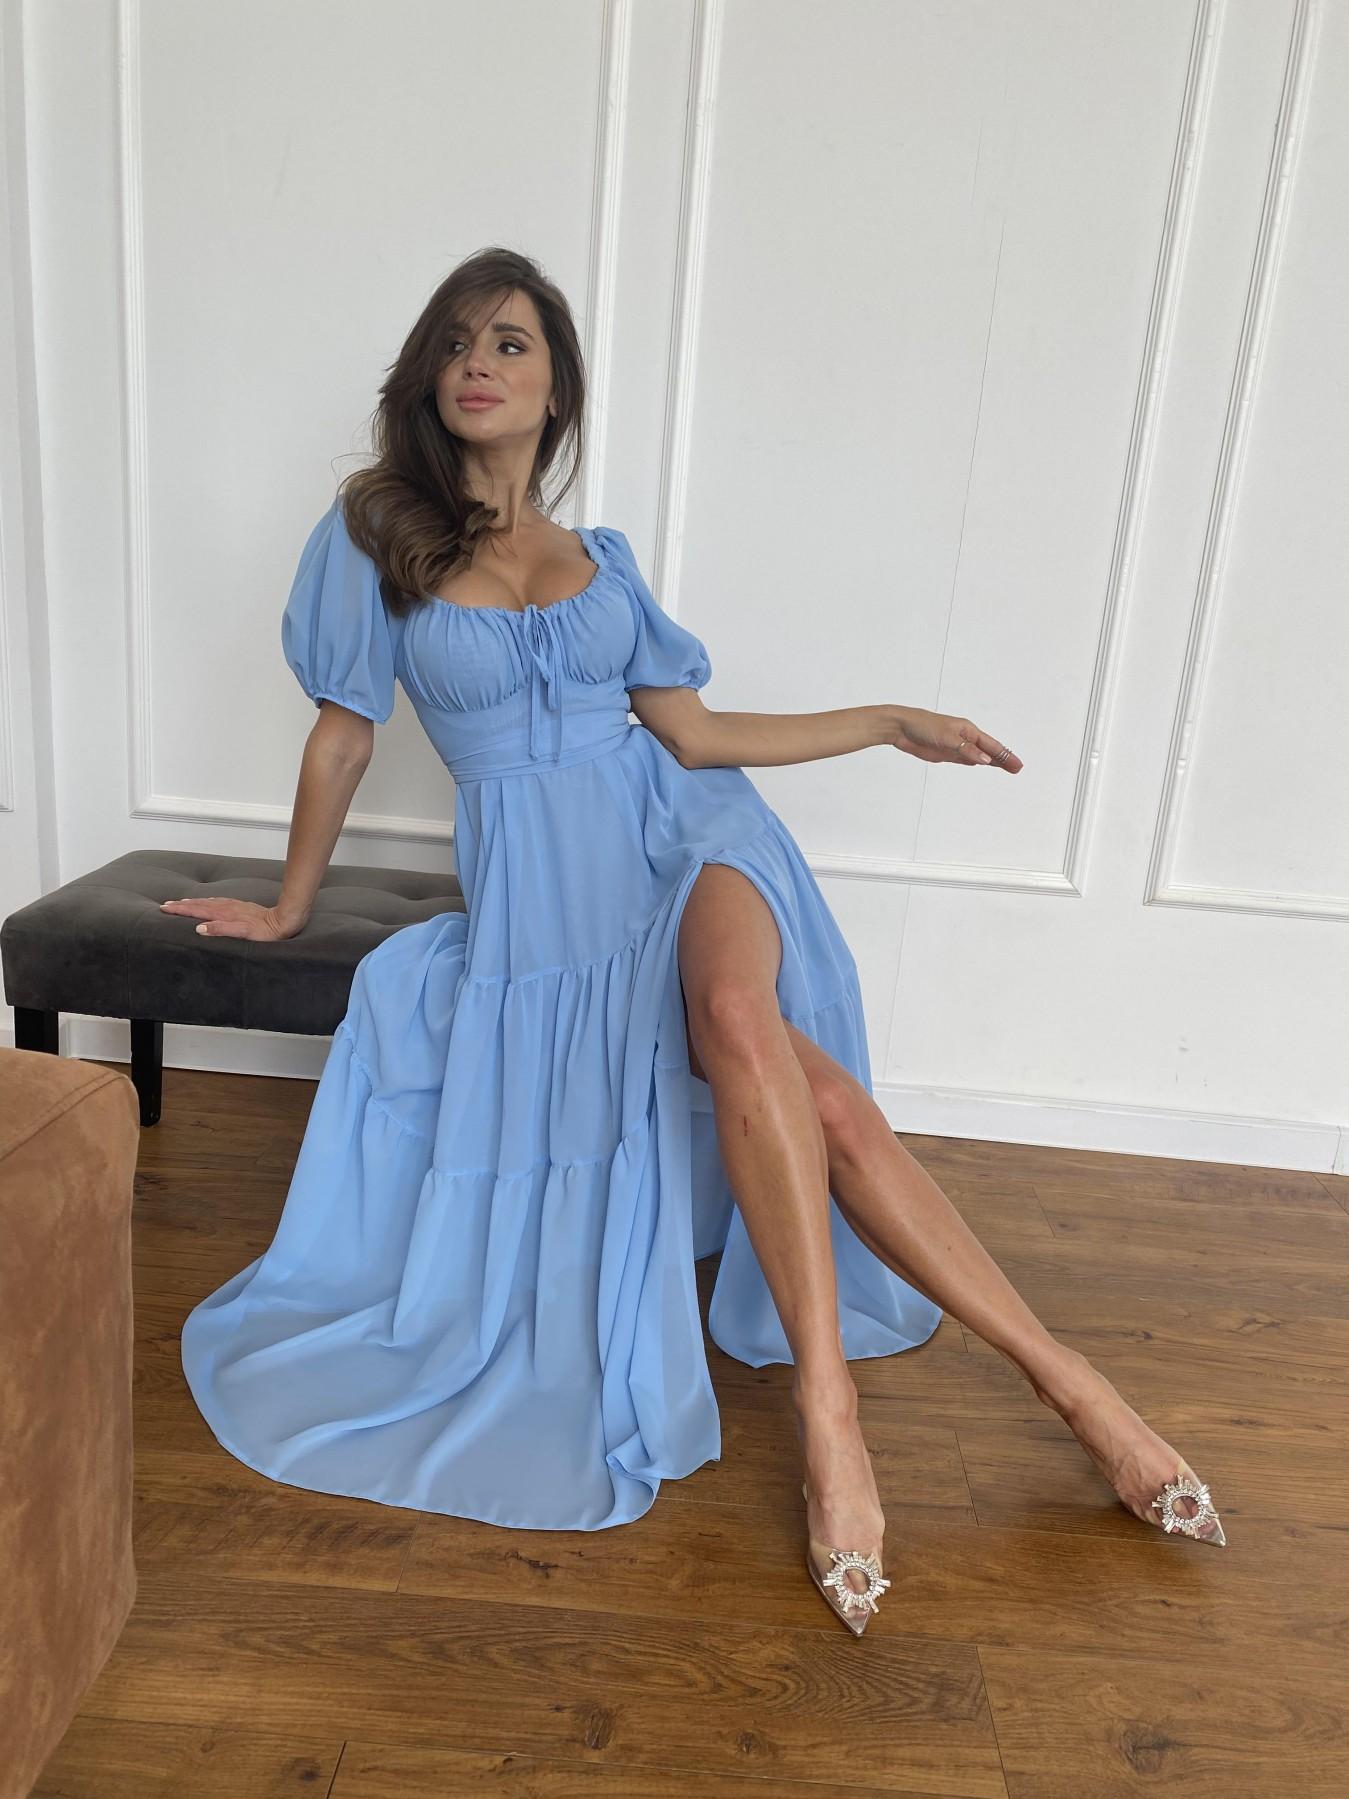 Сейшелы платье креп шифон 11519 АРТ. 48250 Цвет: Голубой 029 - фото 2, интернет магазин tm-modus.ru